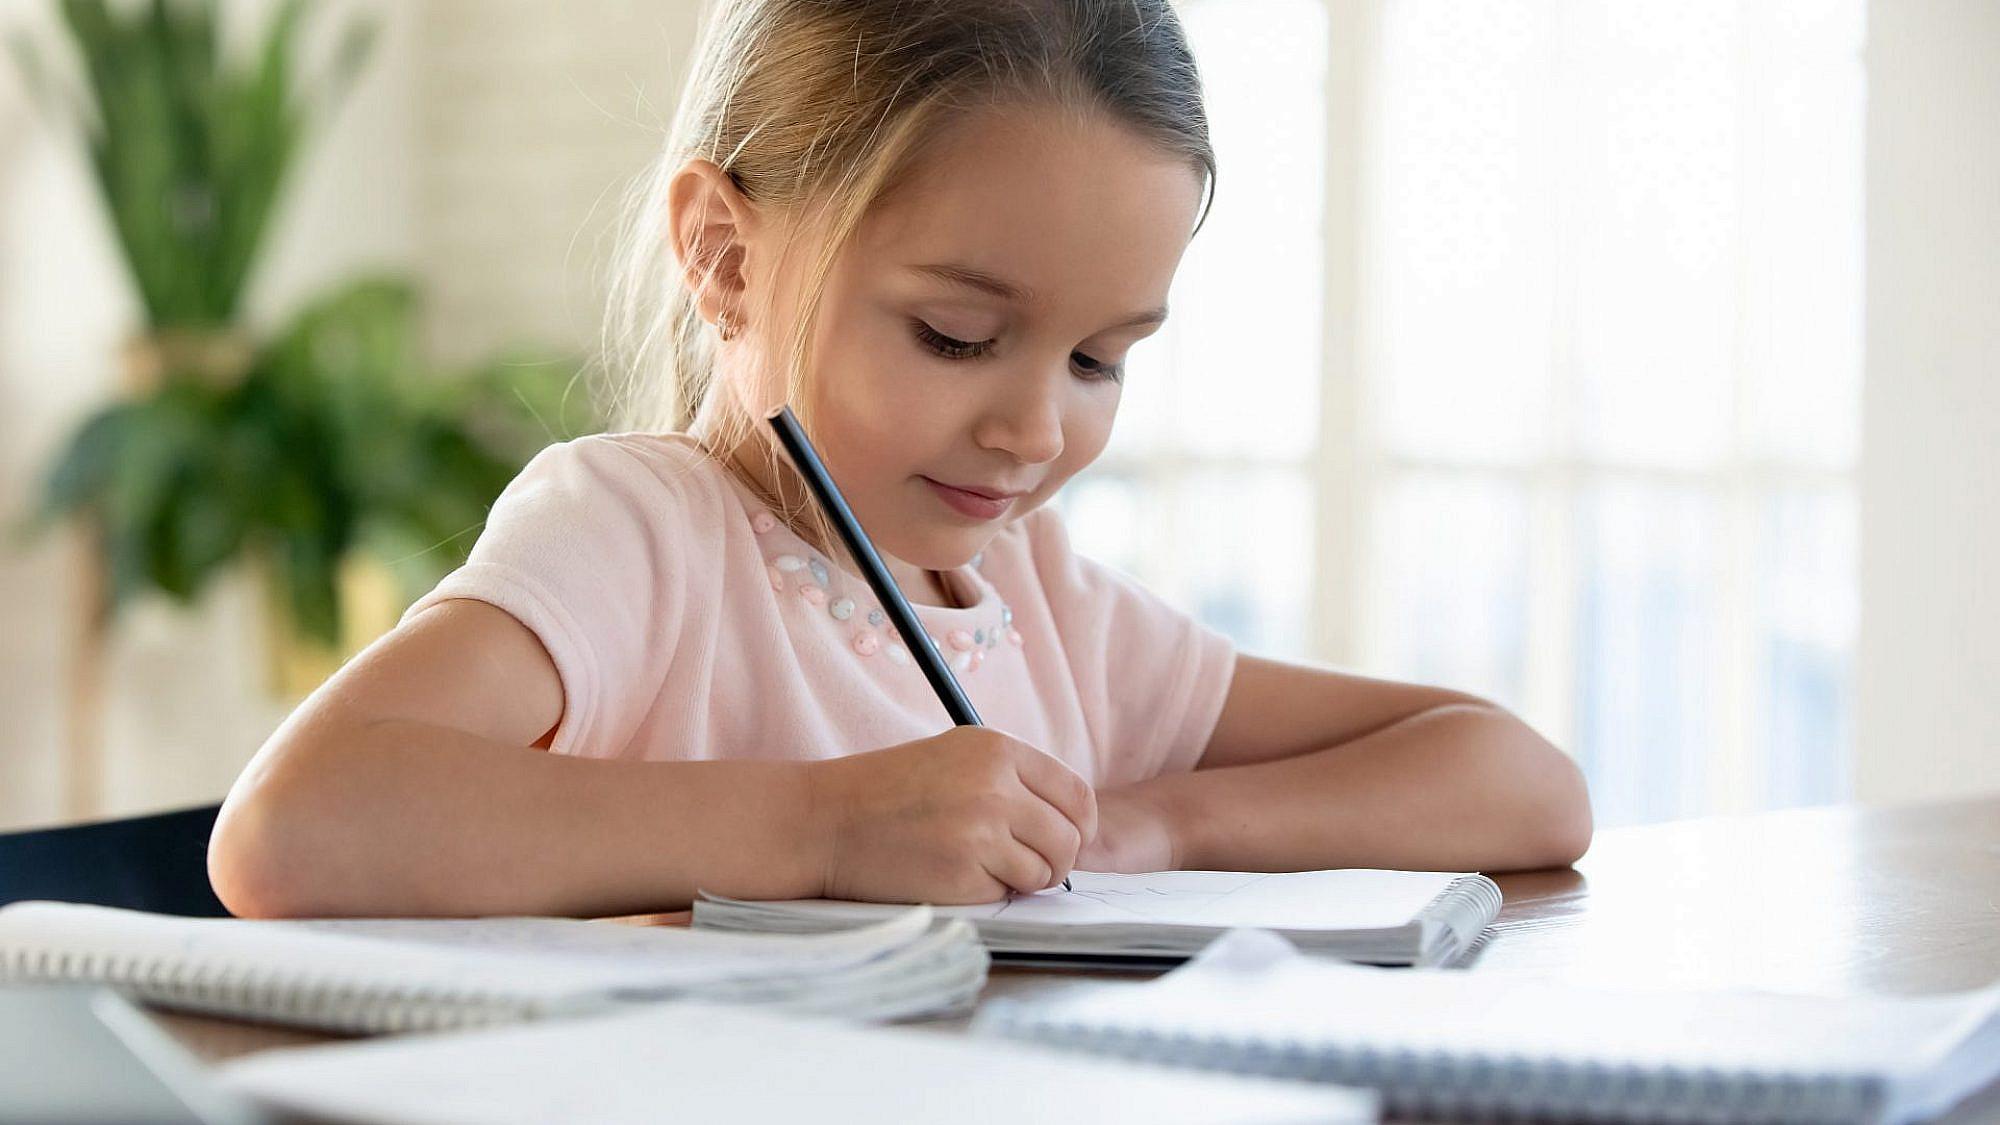 האם לעזור לילדים בשיעורי הבית?   תמונה: Sutterstock